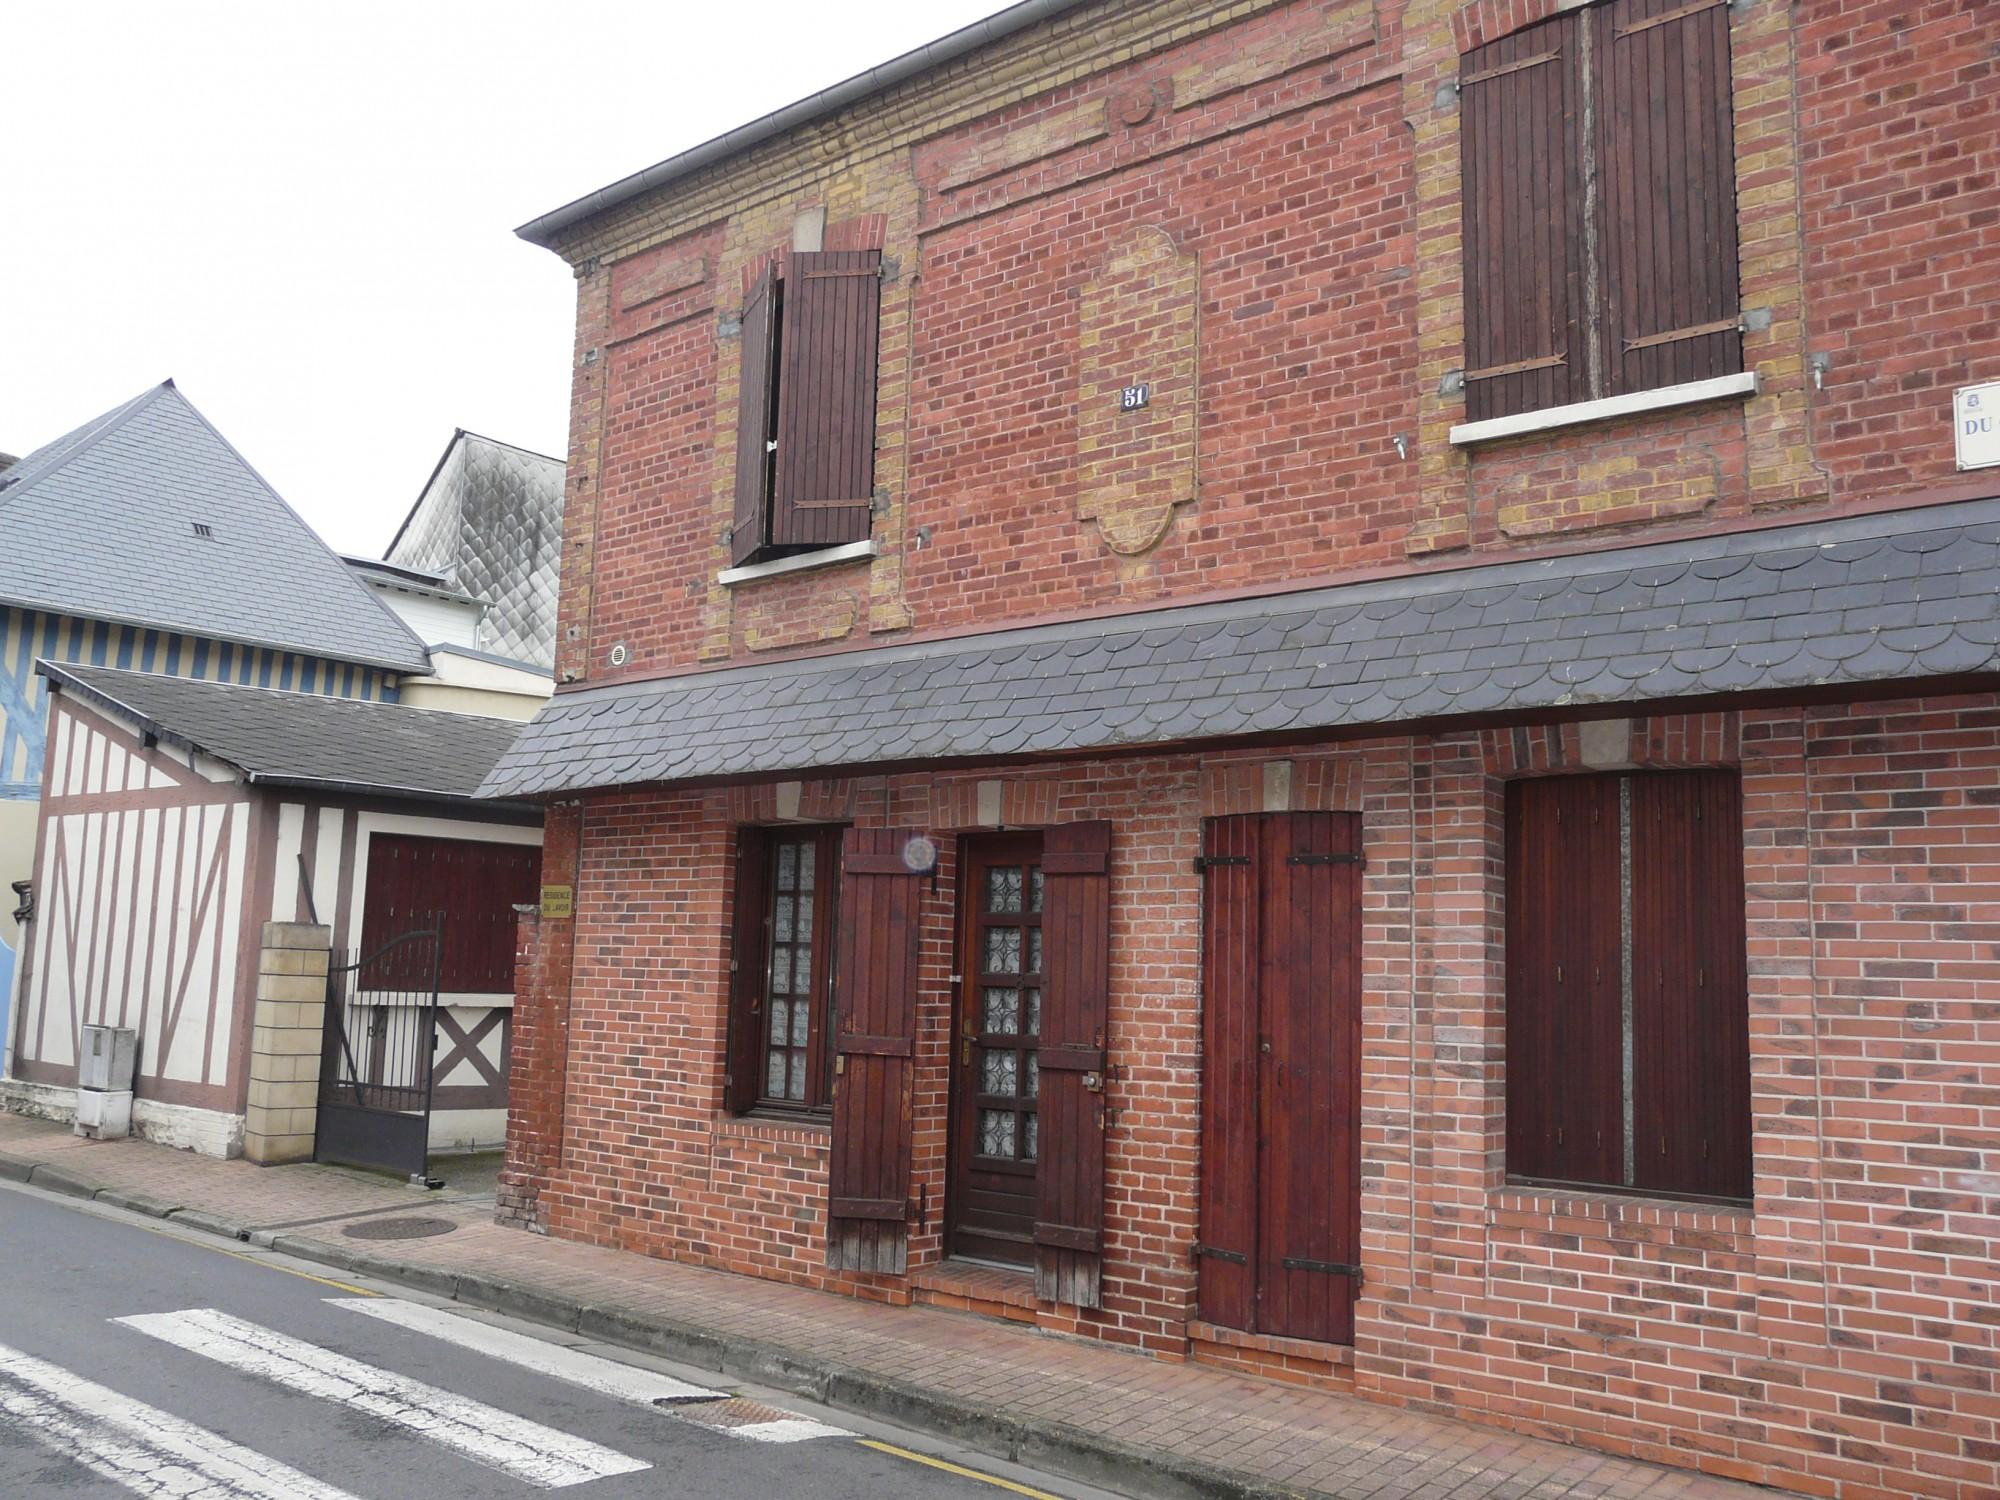 En vente immeuble collectif construit en briques et colombages 27300